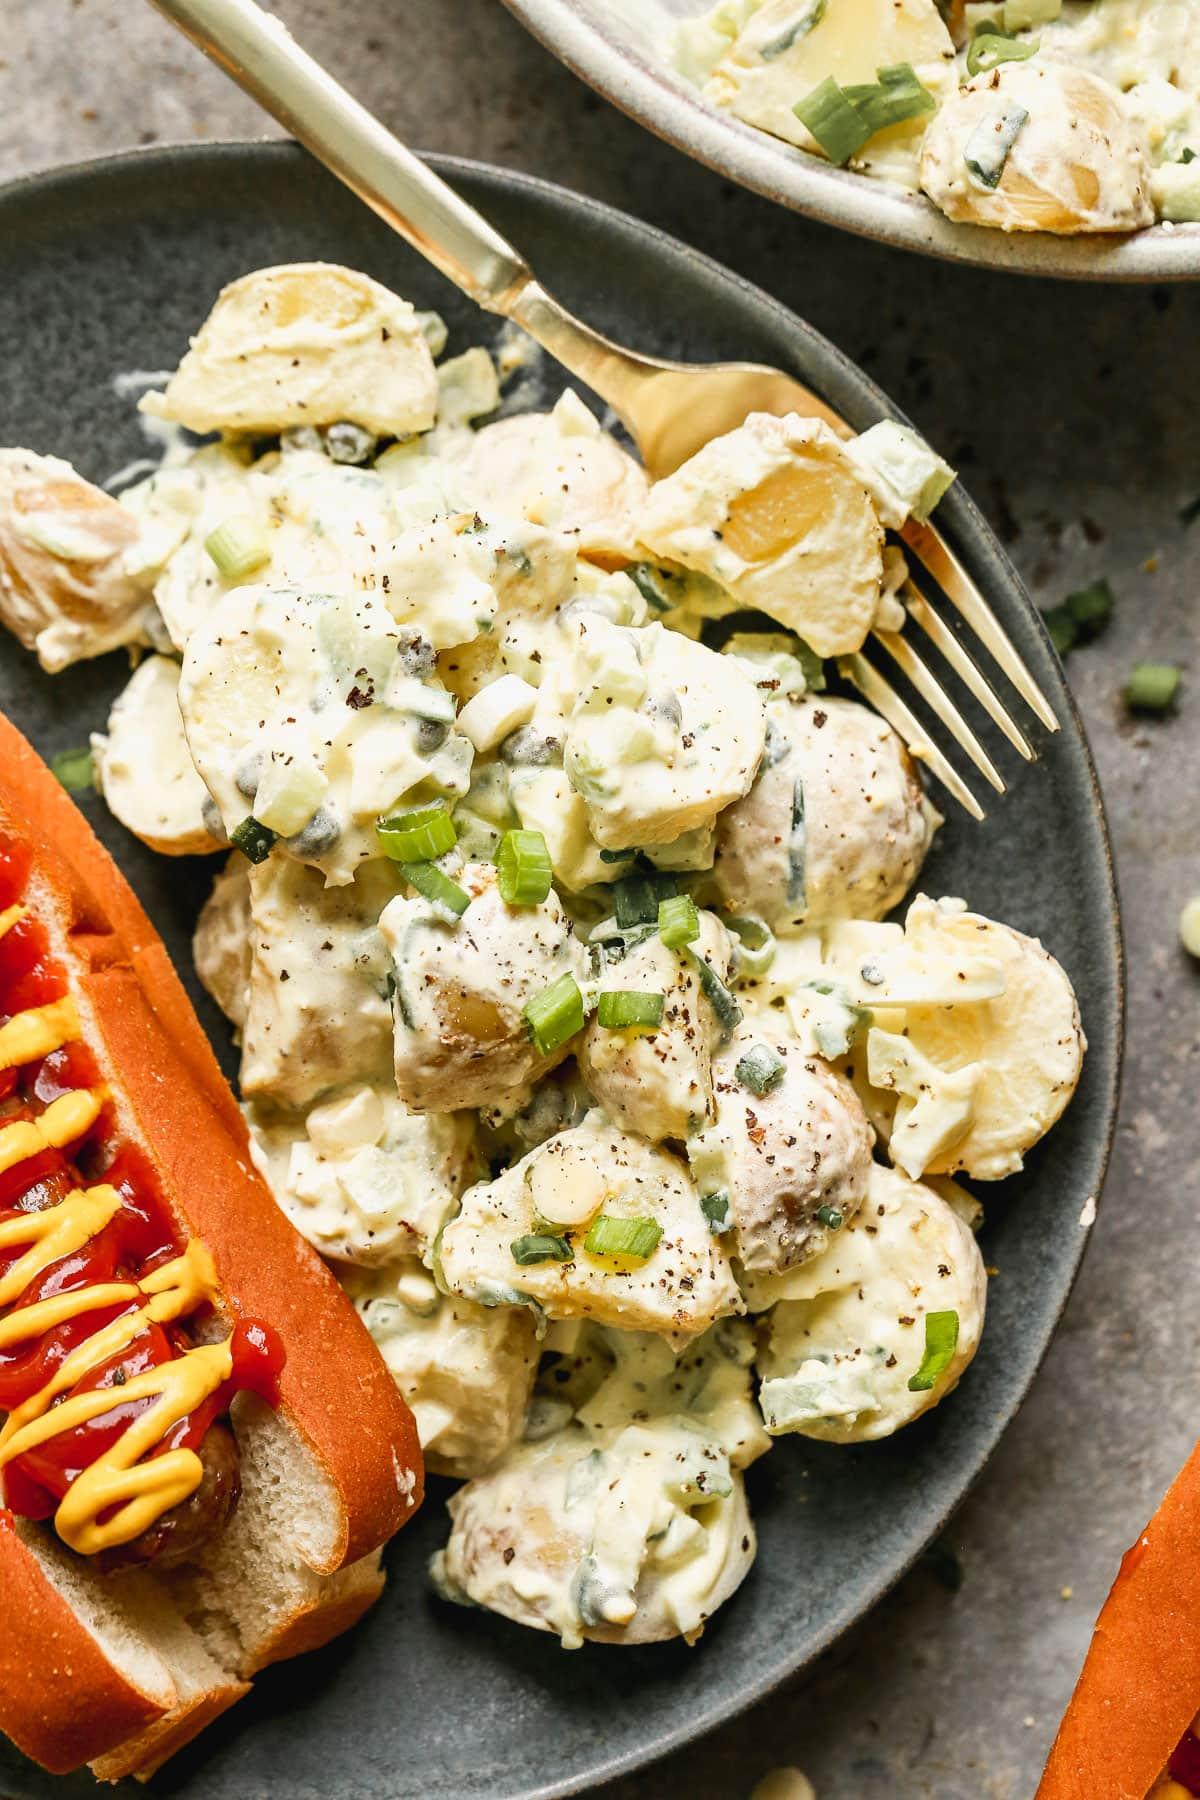 creamy potato salad without mayo